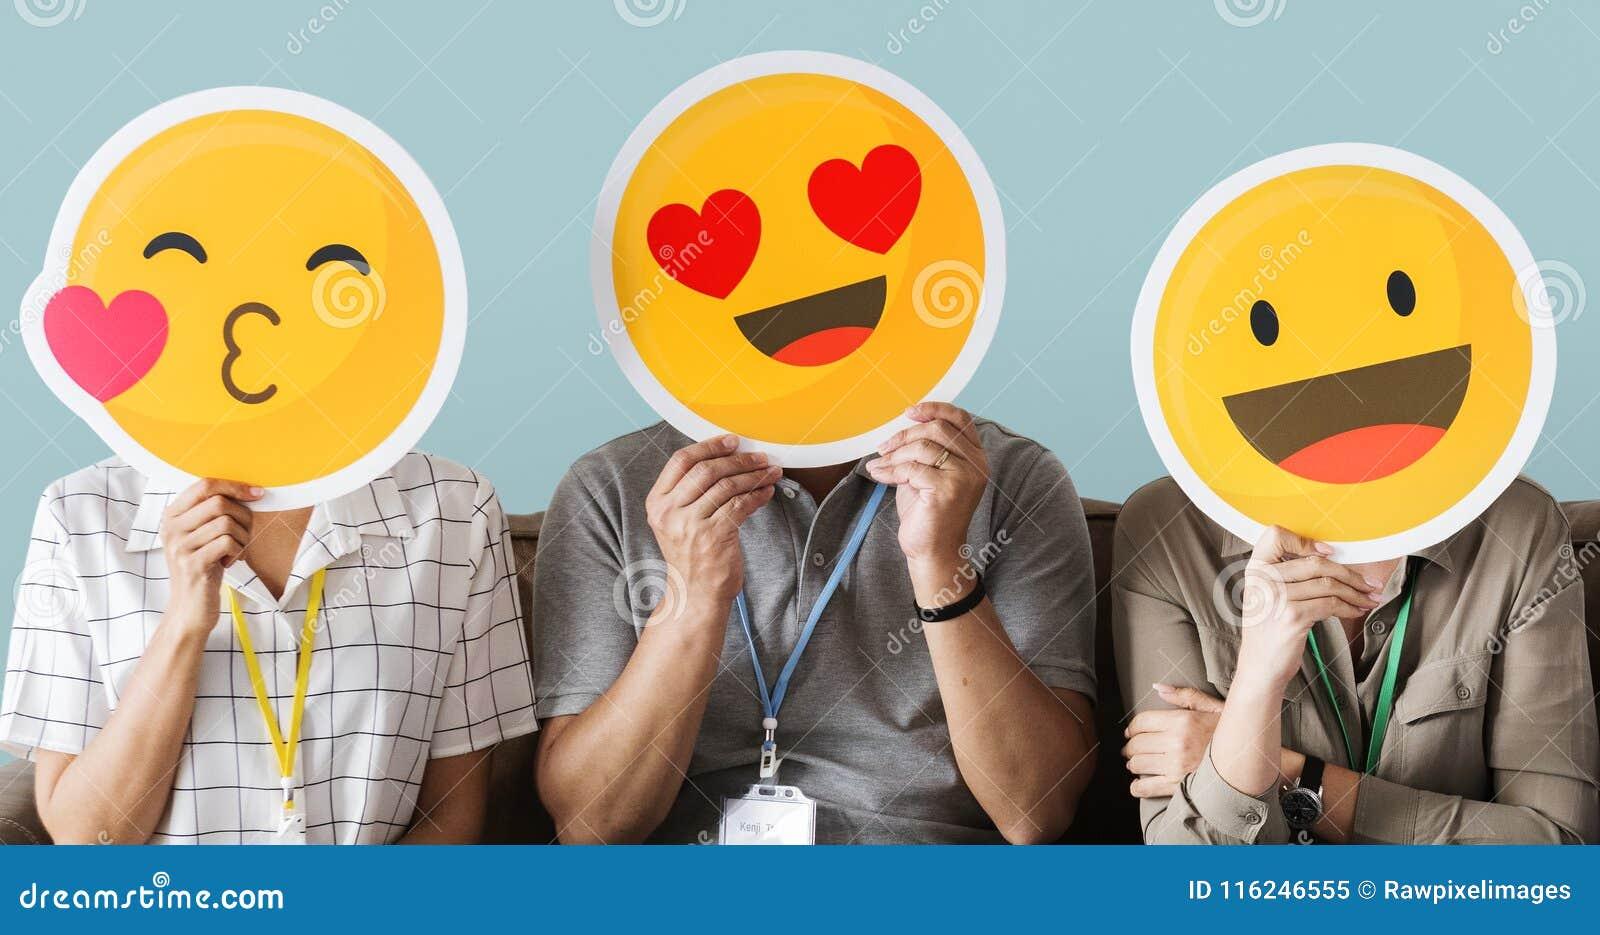 Trabajadores que sostienen emojis felices de la cara